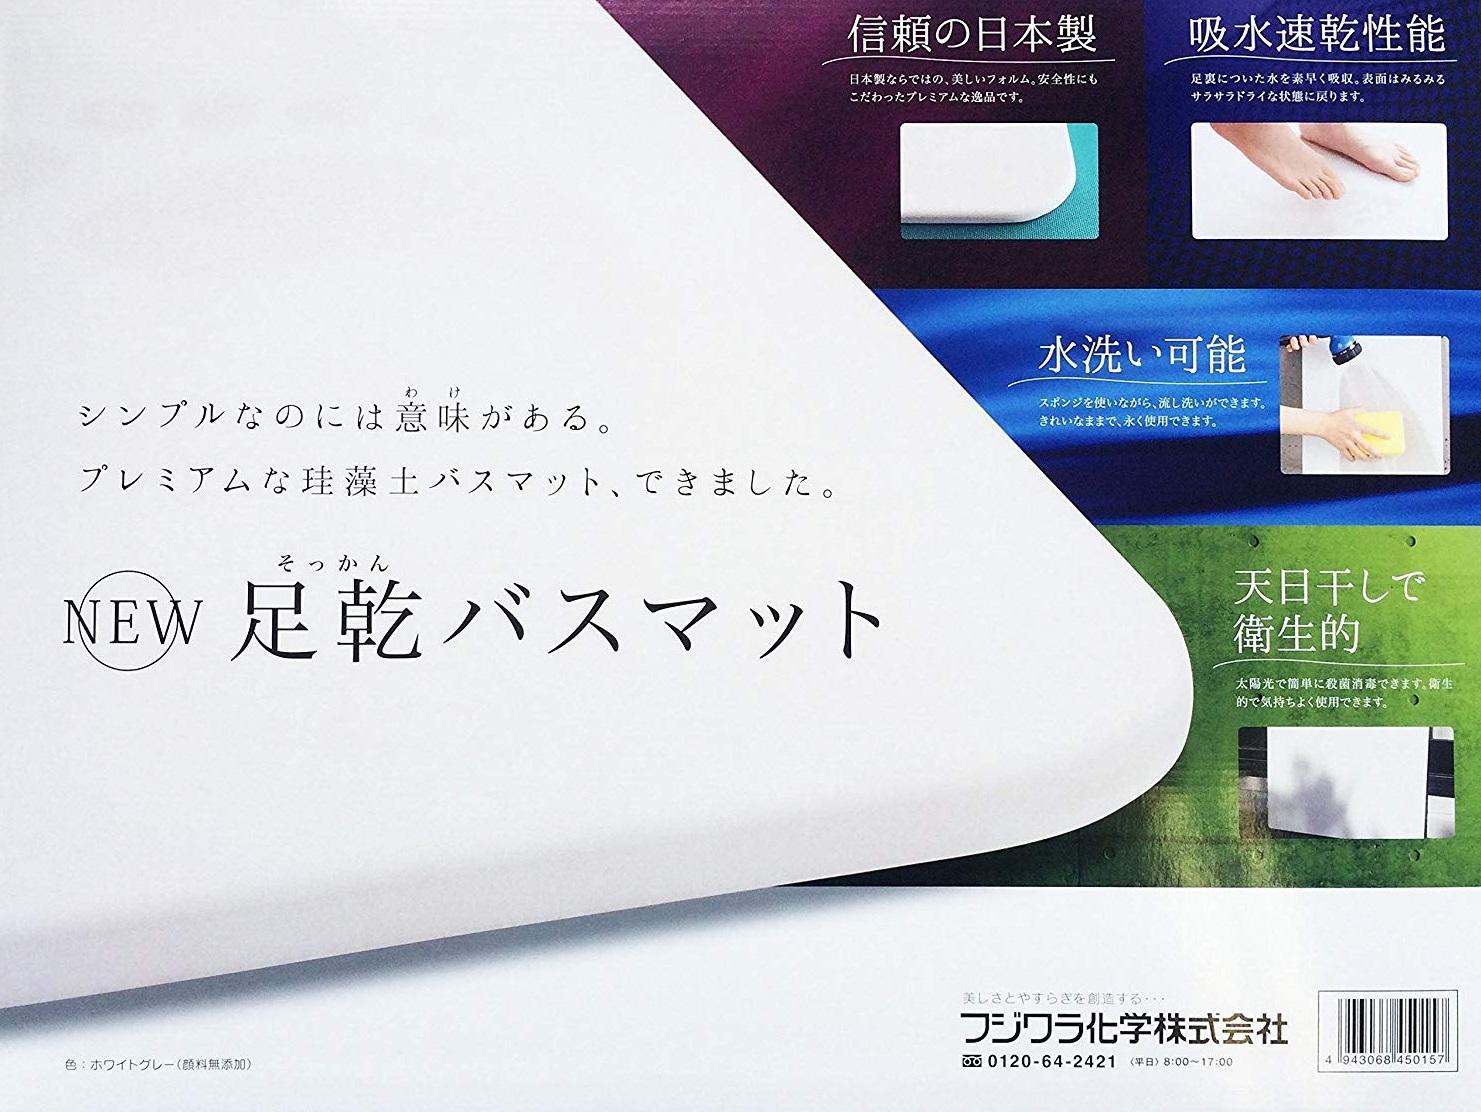 限定価格セール フジワラ化学 NEW足乾バスマット ホワイトグレー 550x430x9mm 超目玉